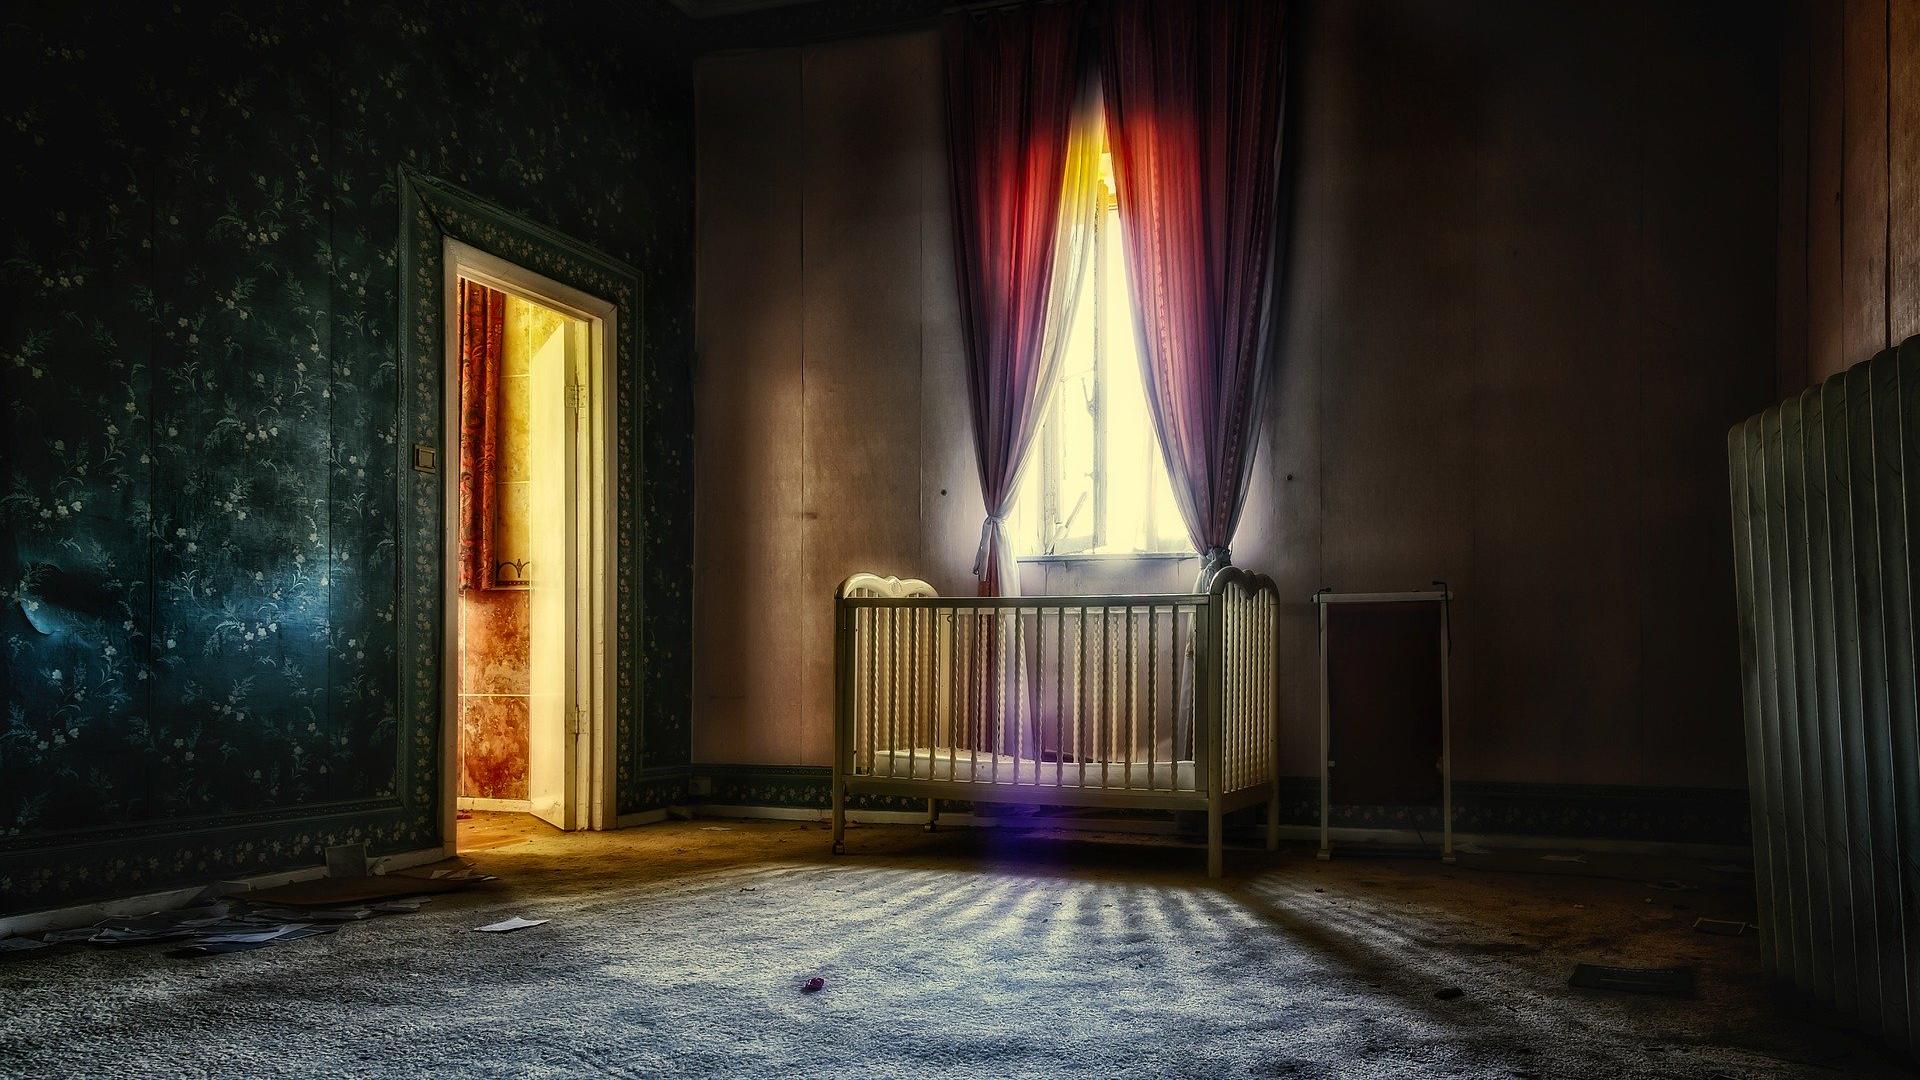 rozjaśnienie ciemnego mieszkania